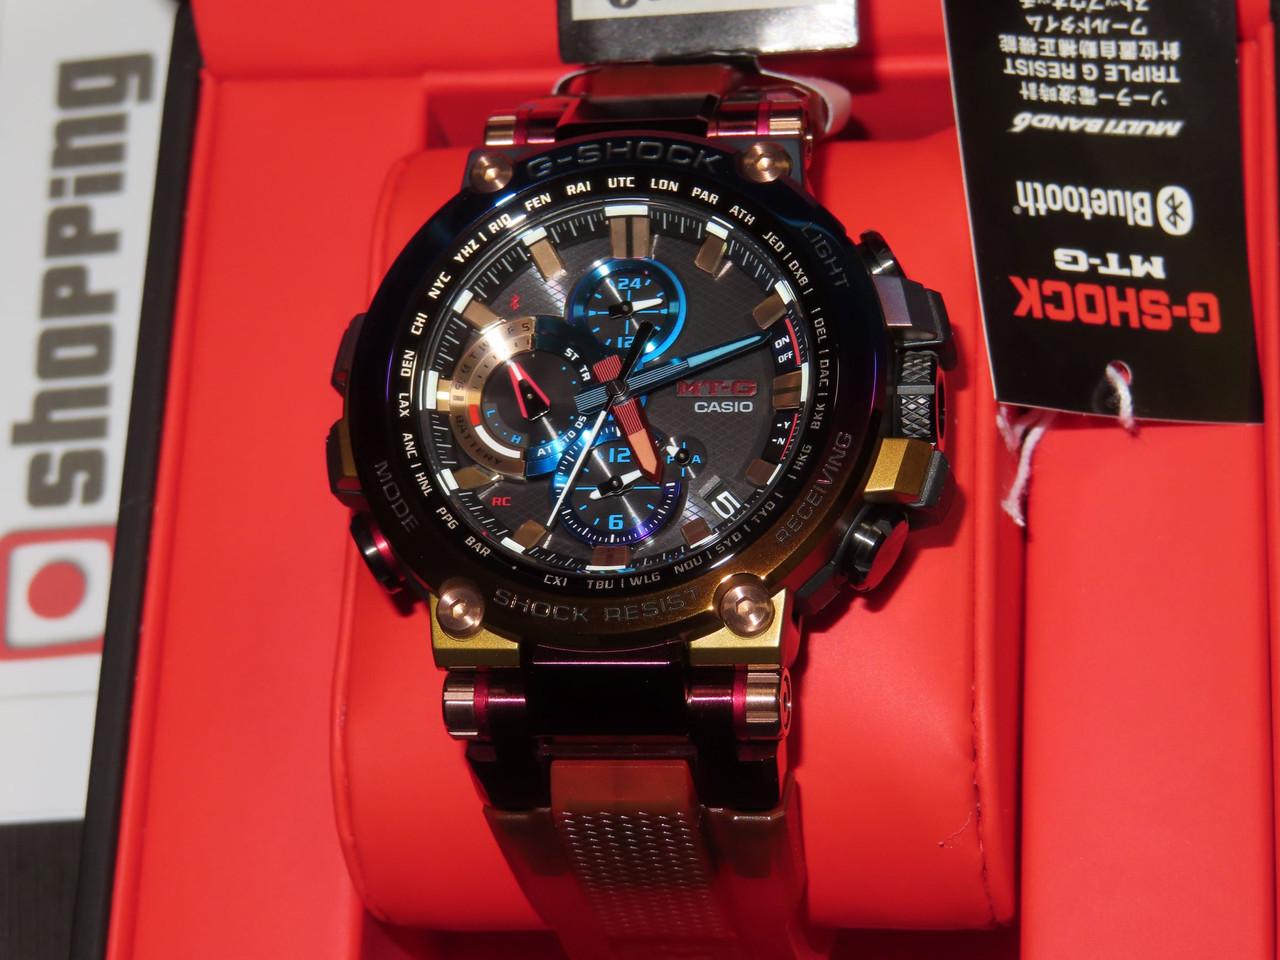 G-Shock MT-G Volcanic Lightning MTG-B1000VL-4AJR